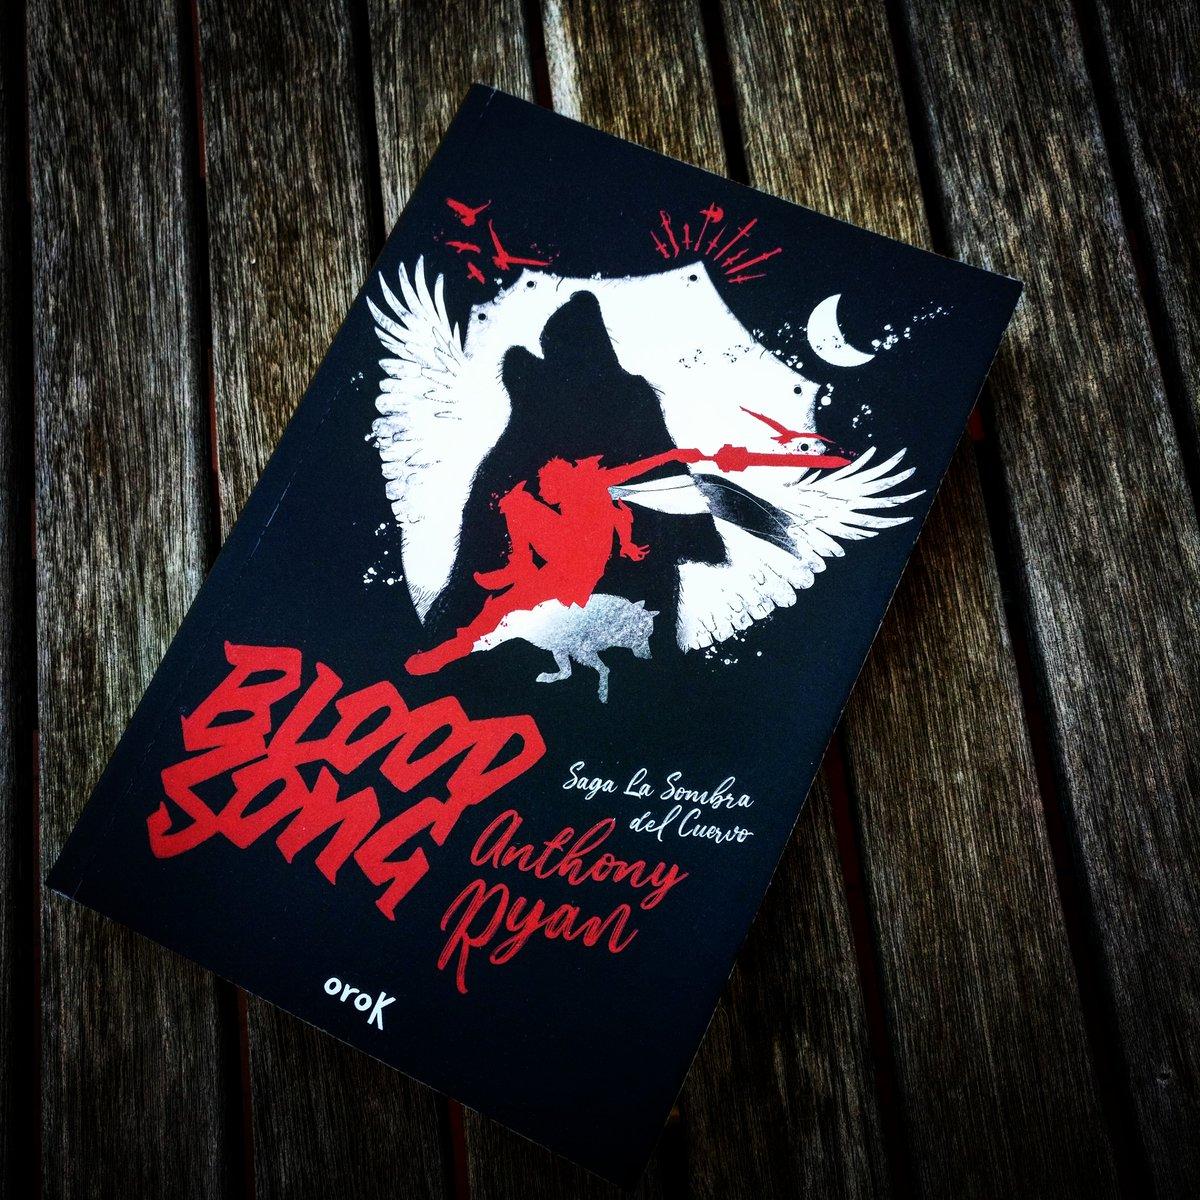 Arrancan las novedades de la semana con #BloodSong de Anthony Ryan, y que marca el debut de @orokeditorial en nuestras estanterías. ¿Quién es Vaelin al Sorna y porqué le espera un duelo a muerte? 👉bit.ly/2WYAFLF #libros #books #fantasía #lasombradelcuervo